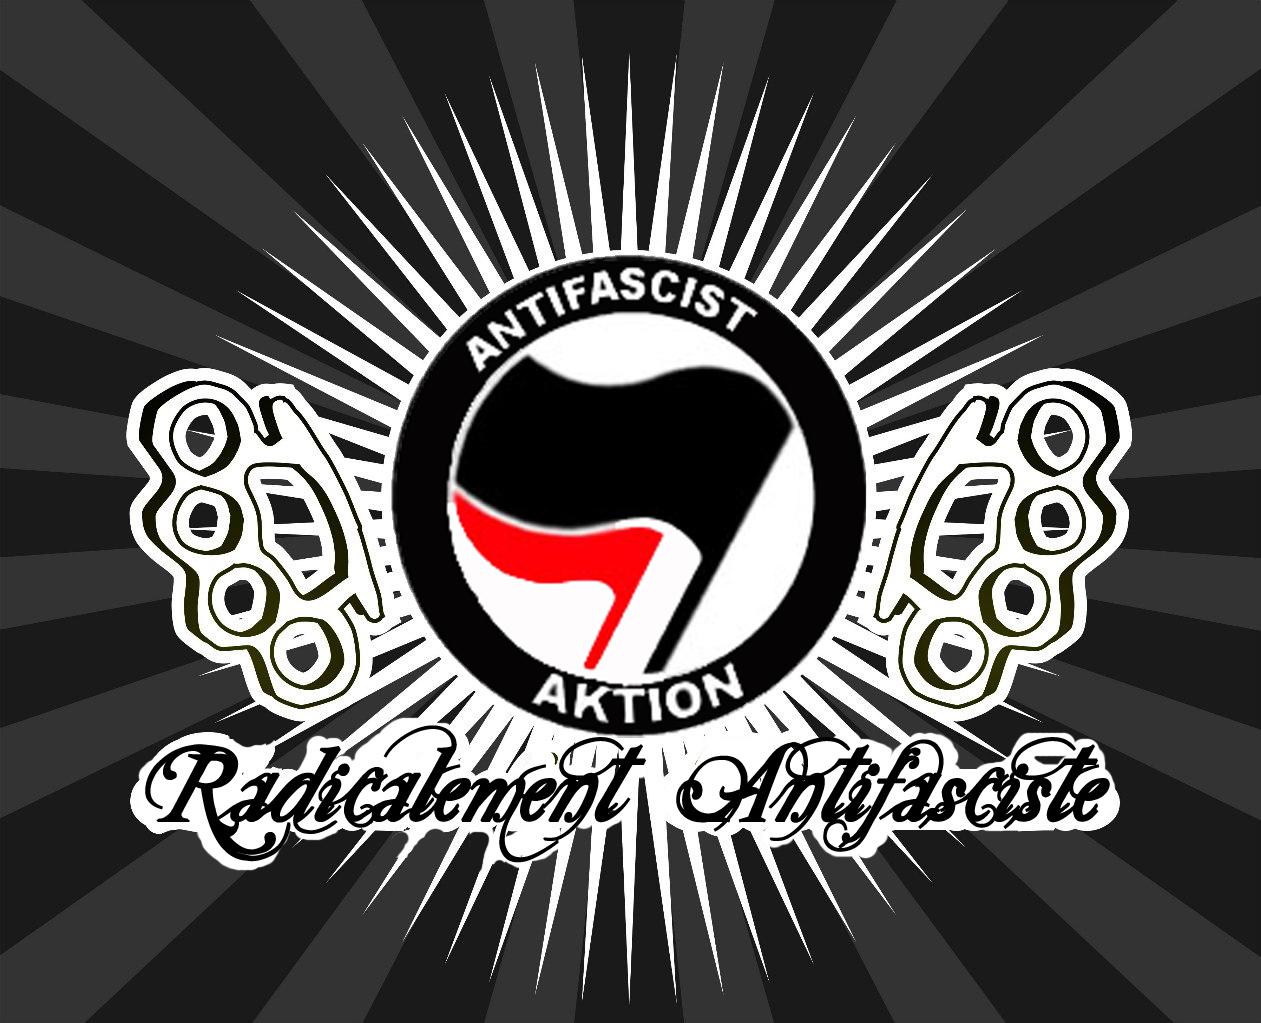 radicalement antifasciste 3